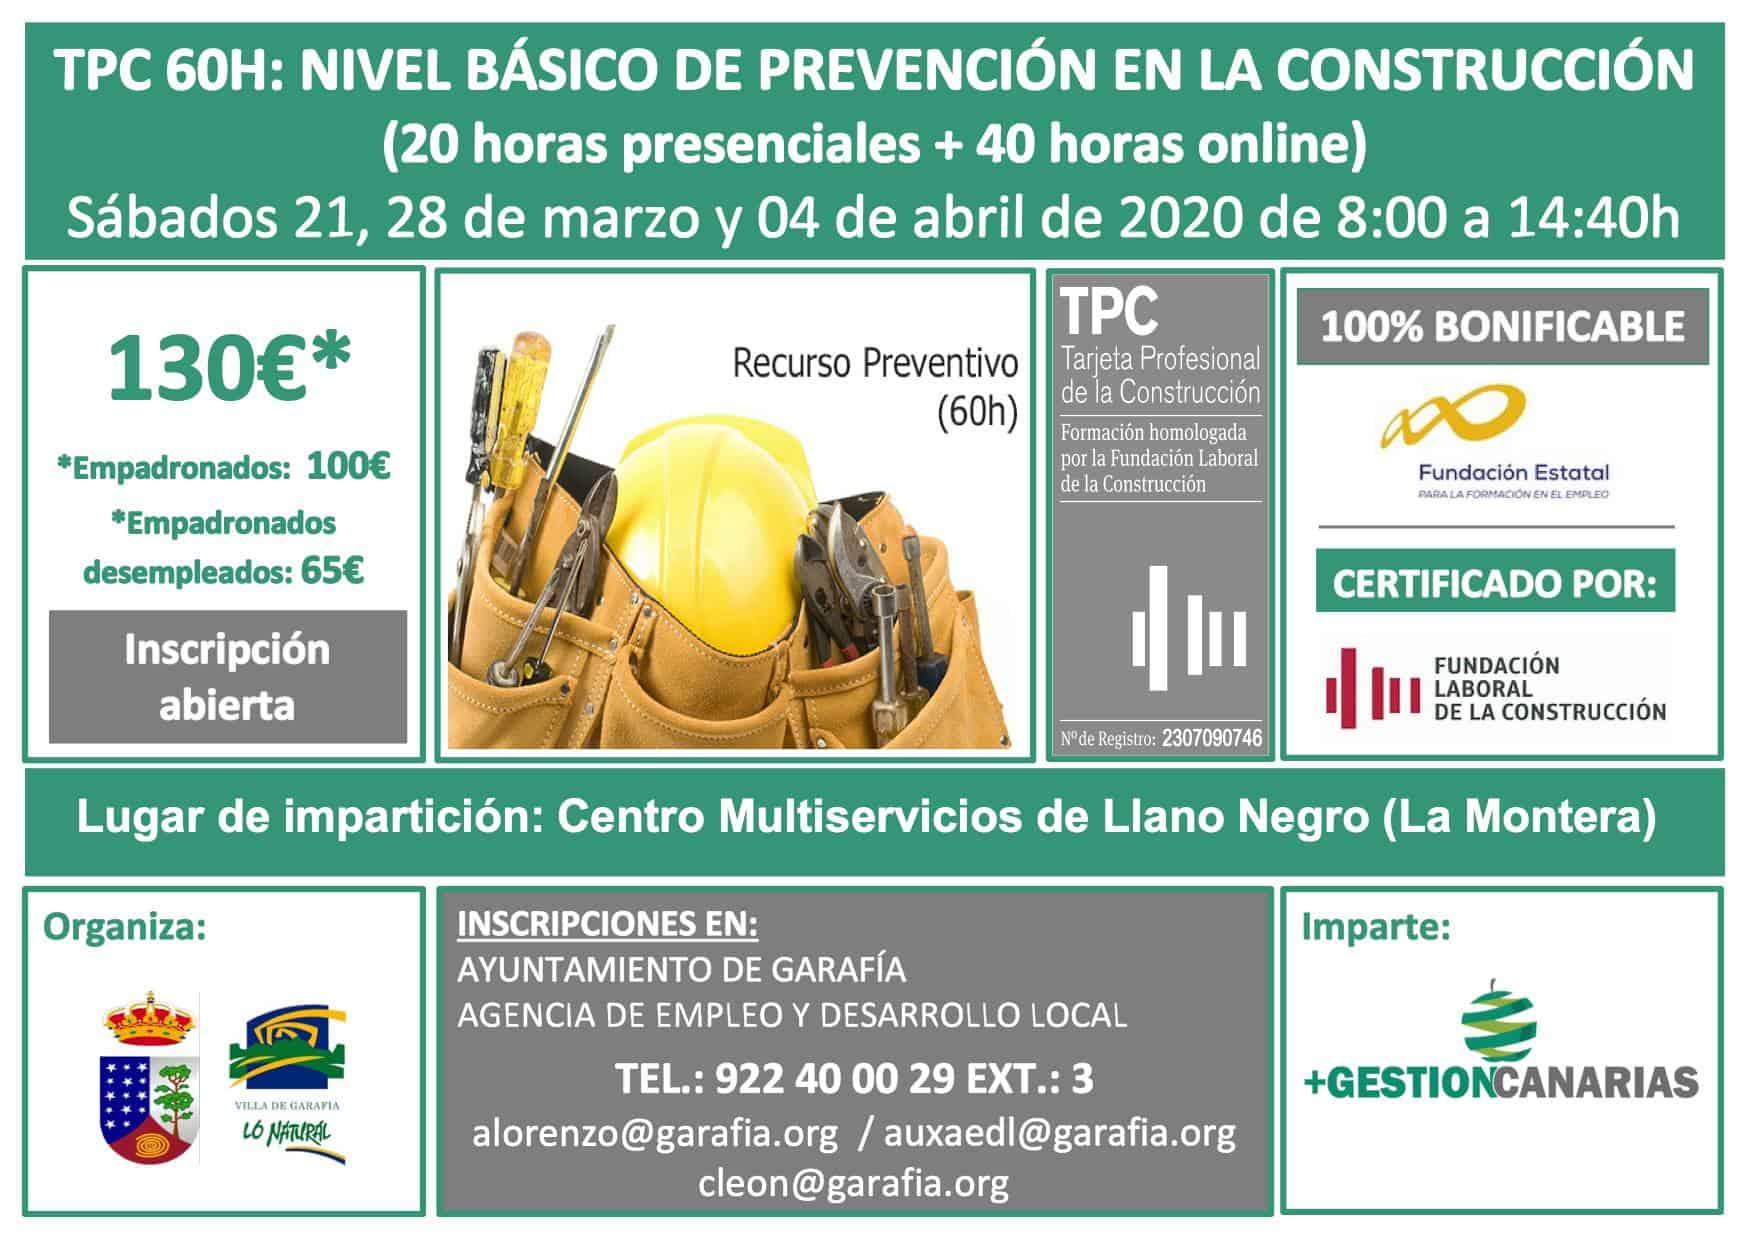 TPC 60 h: Nivel básico de prevención en la construcción